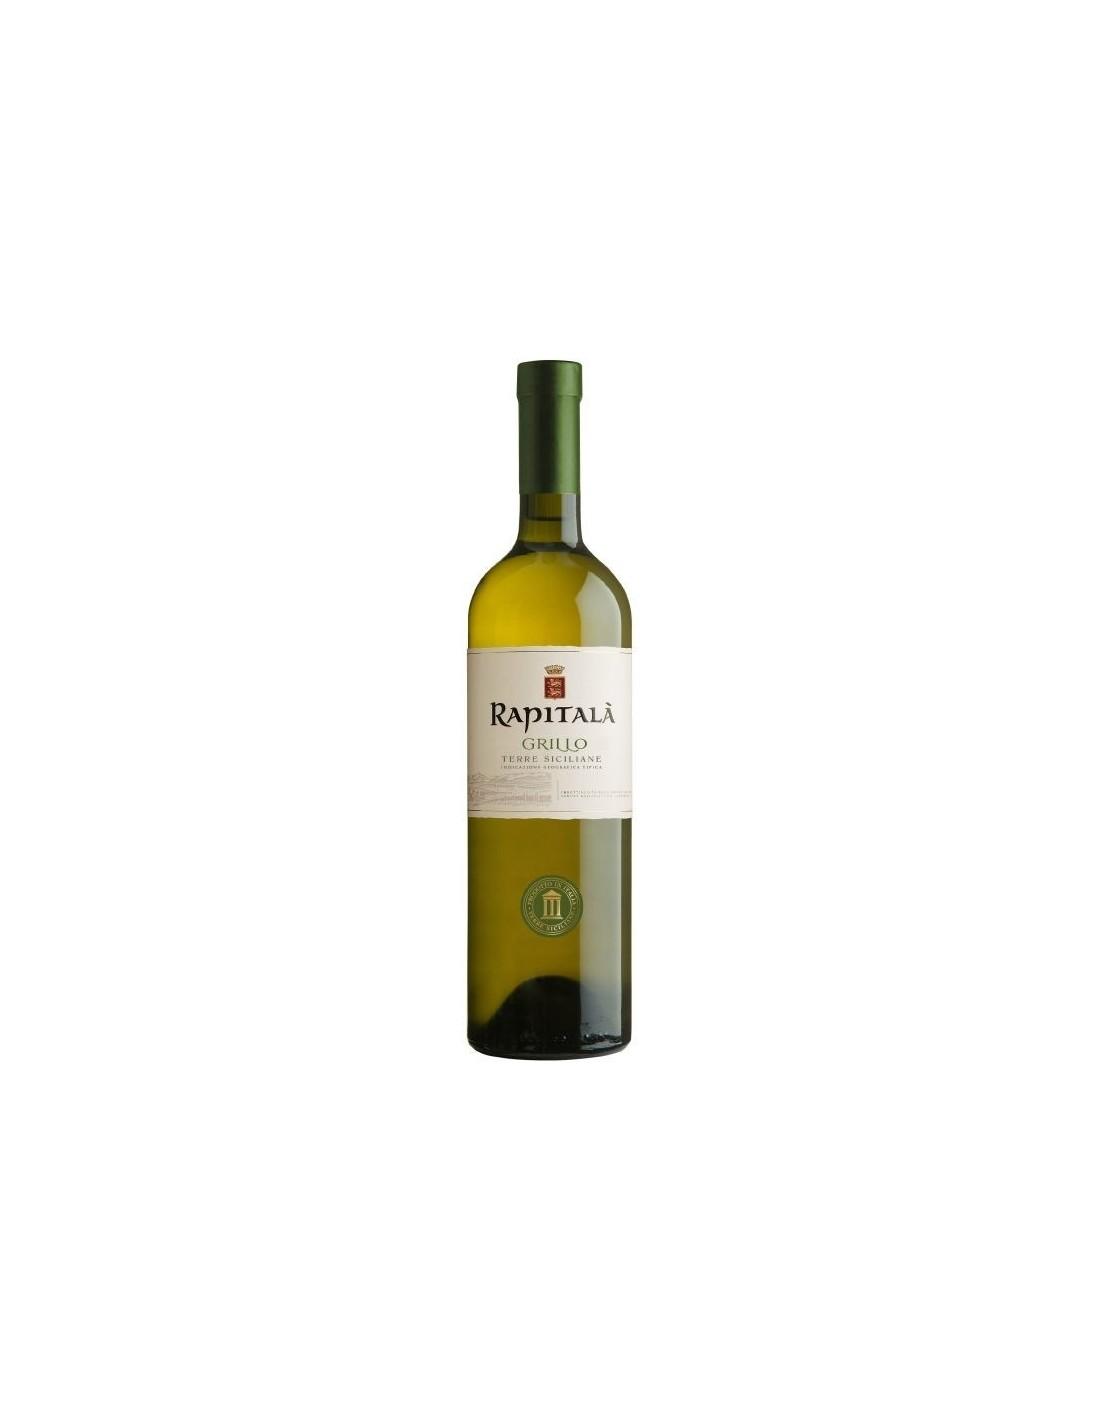 Vin alb, Grillo, Rapitala Sicilia, 0.75L, 13% alc., Italia